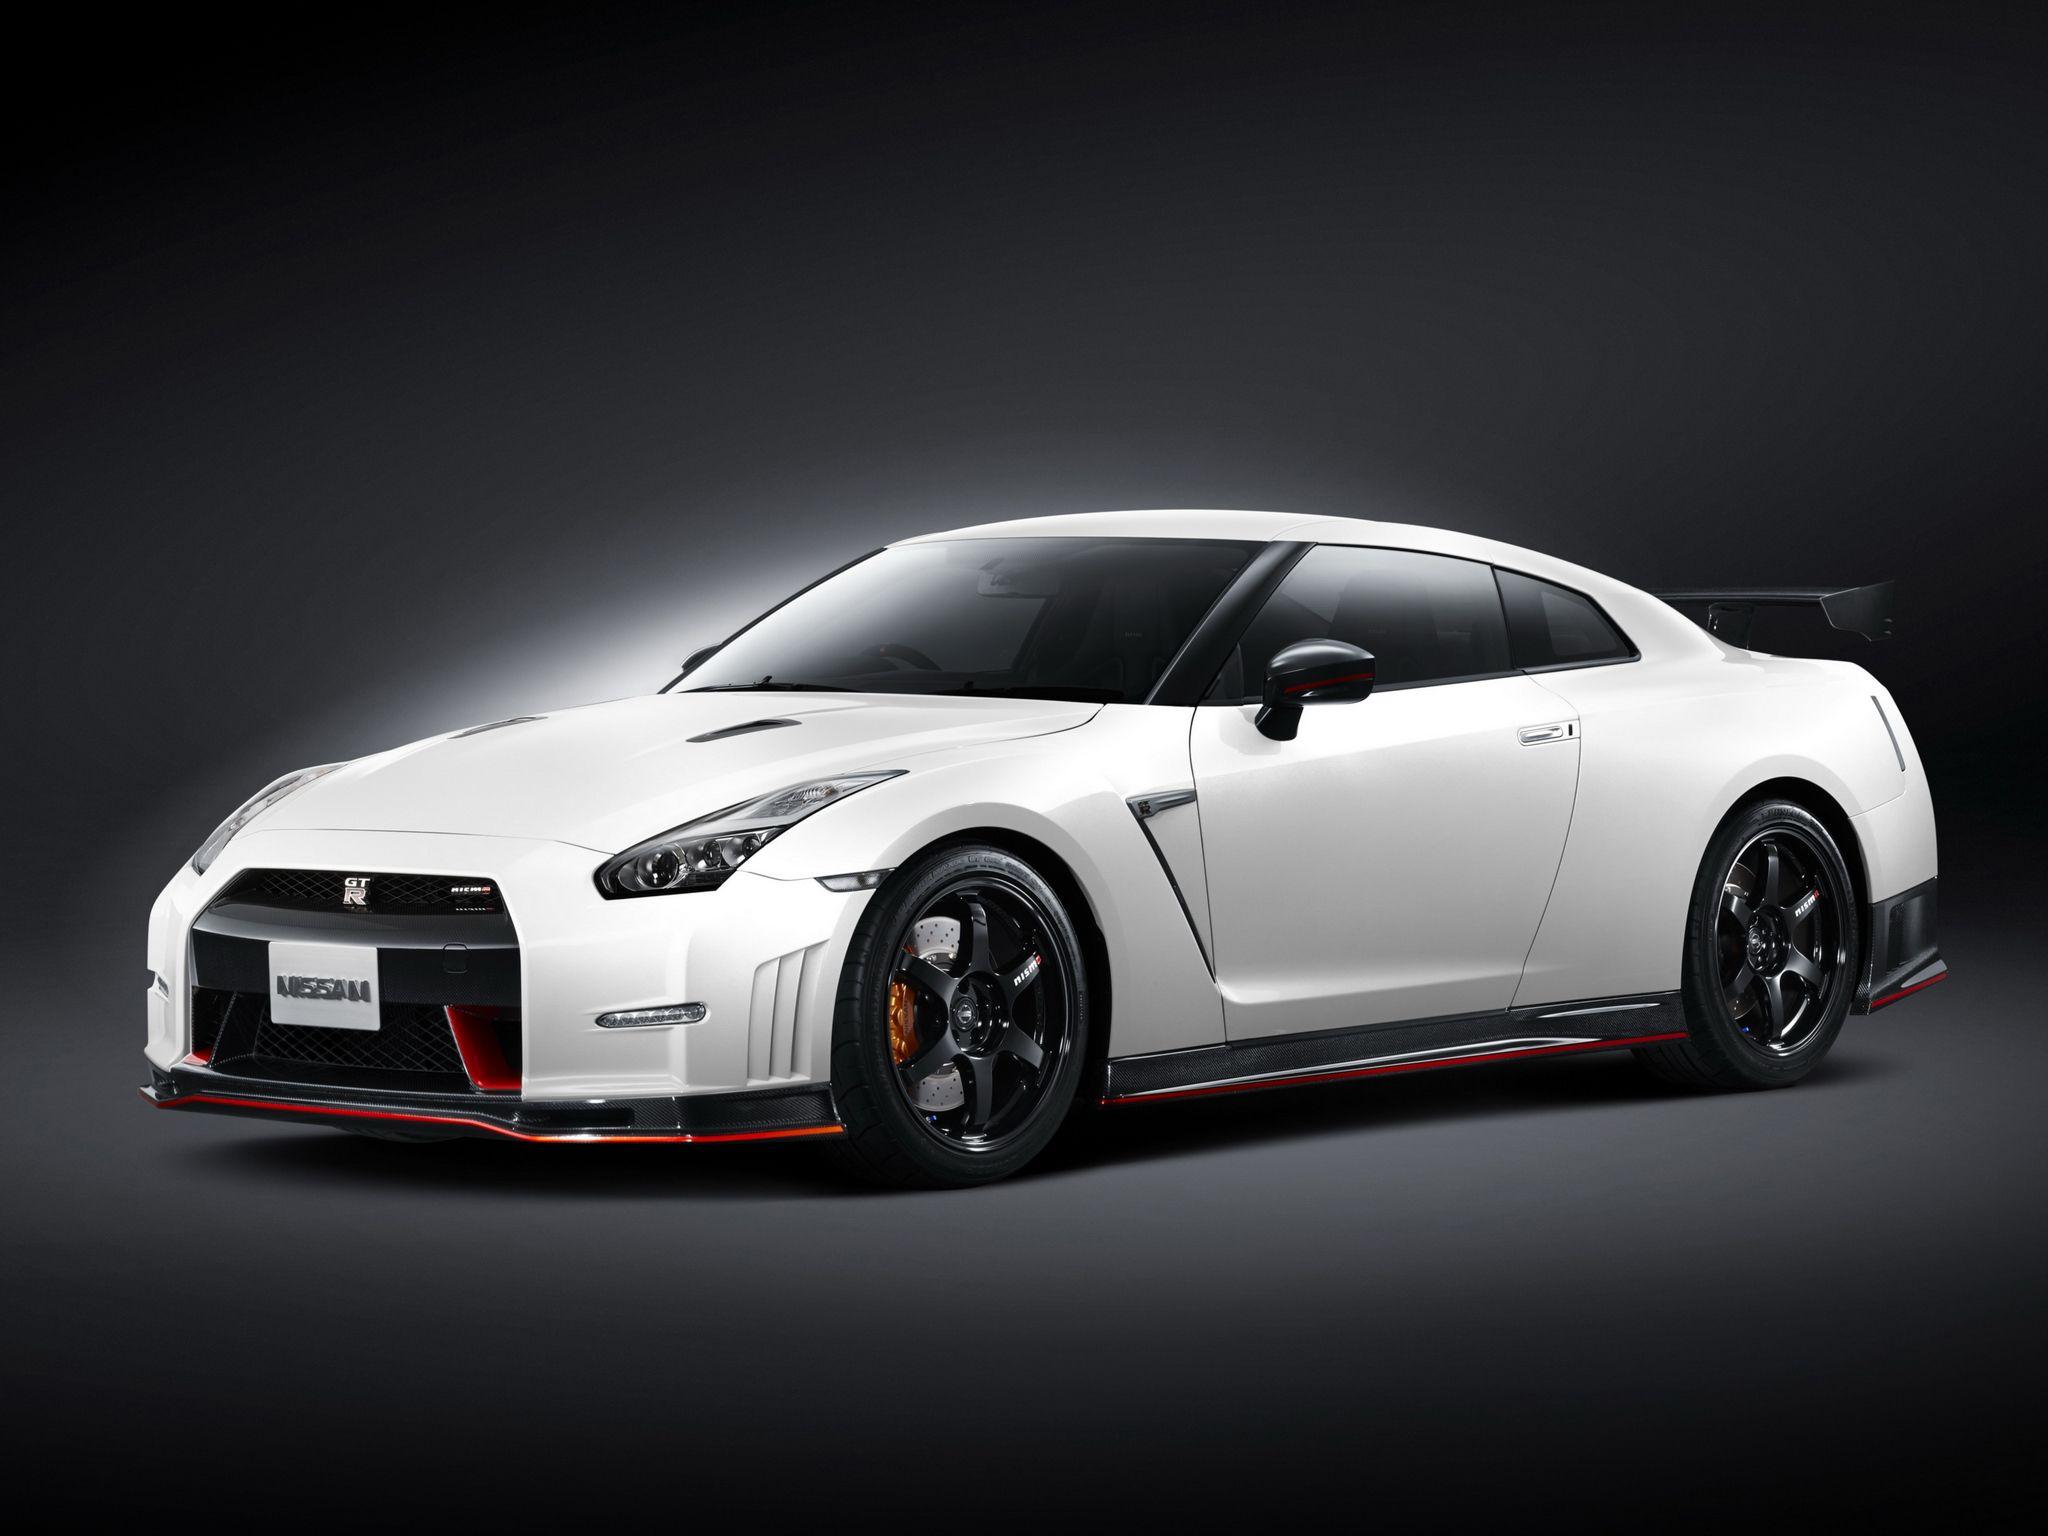 Amazing 2014 Nismo Nissan Skyline GT R R35. My Ultimate Dream Car!!(: #carwhore